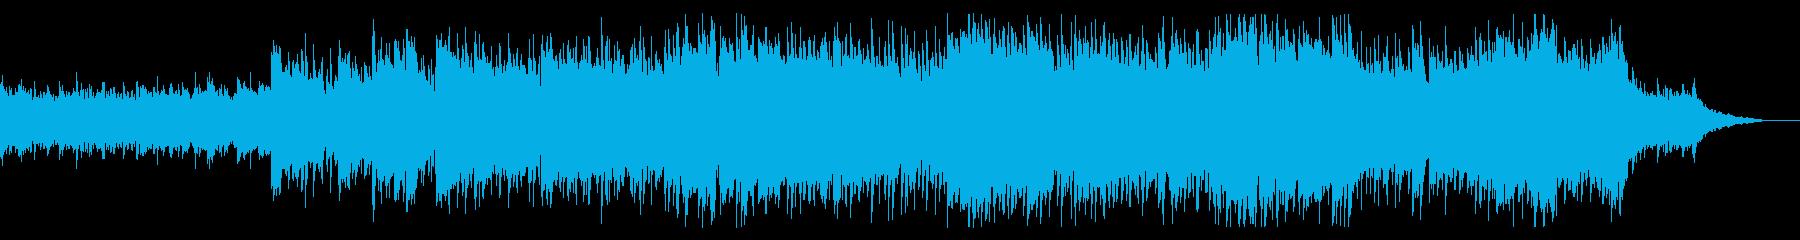 爽やかで軽快なエレクトロ・ポップの再生済みの波形